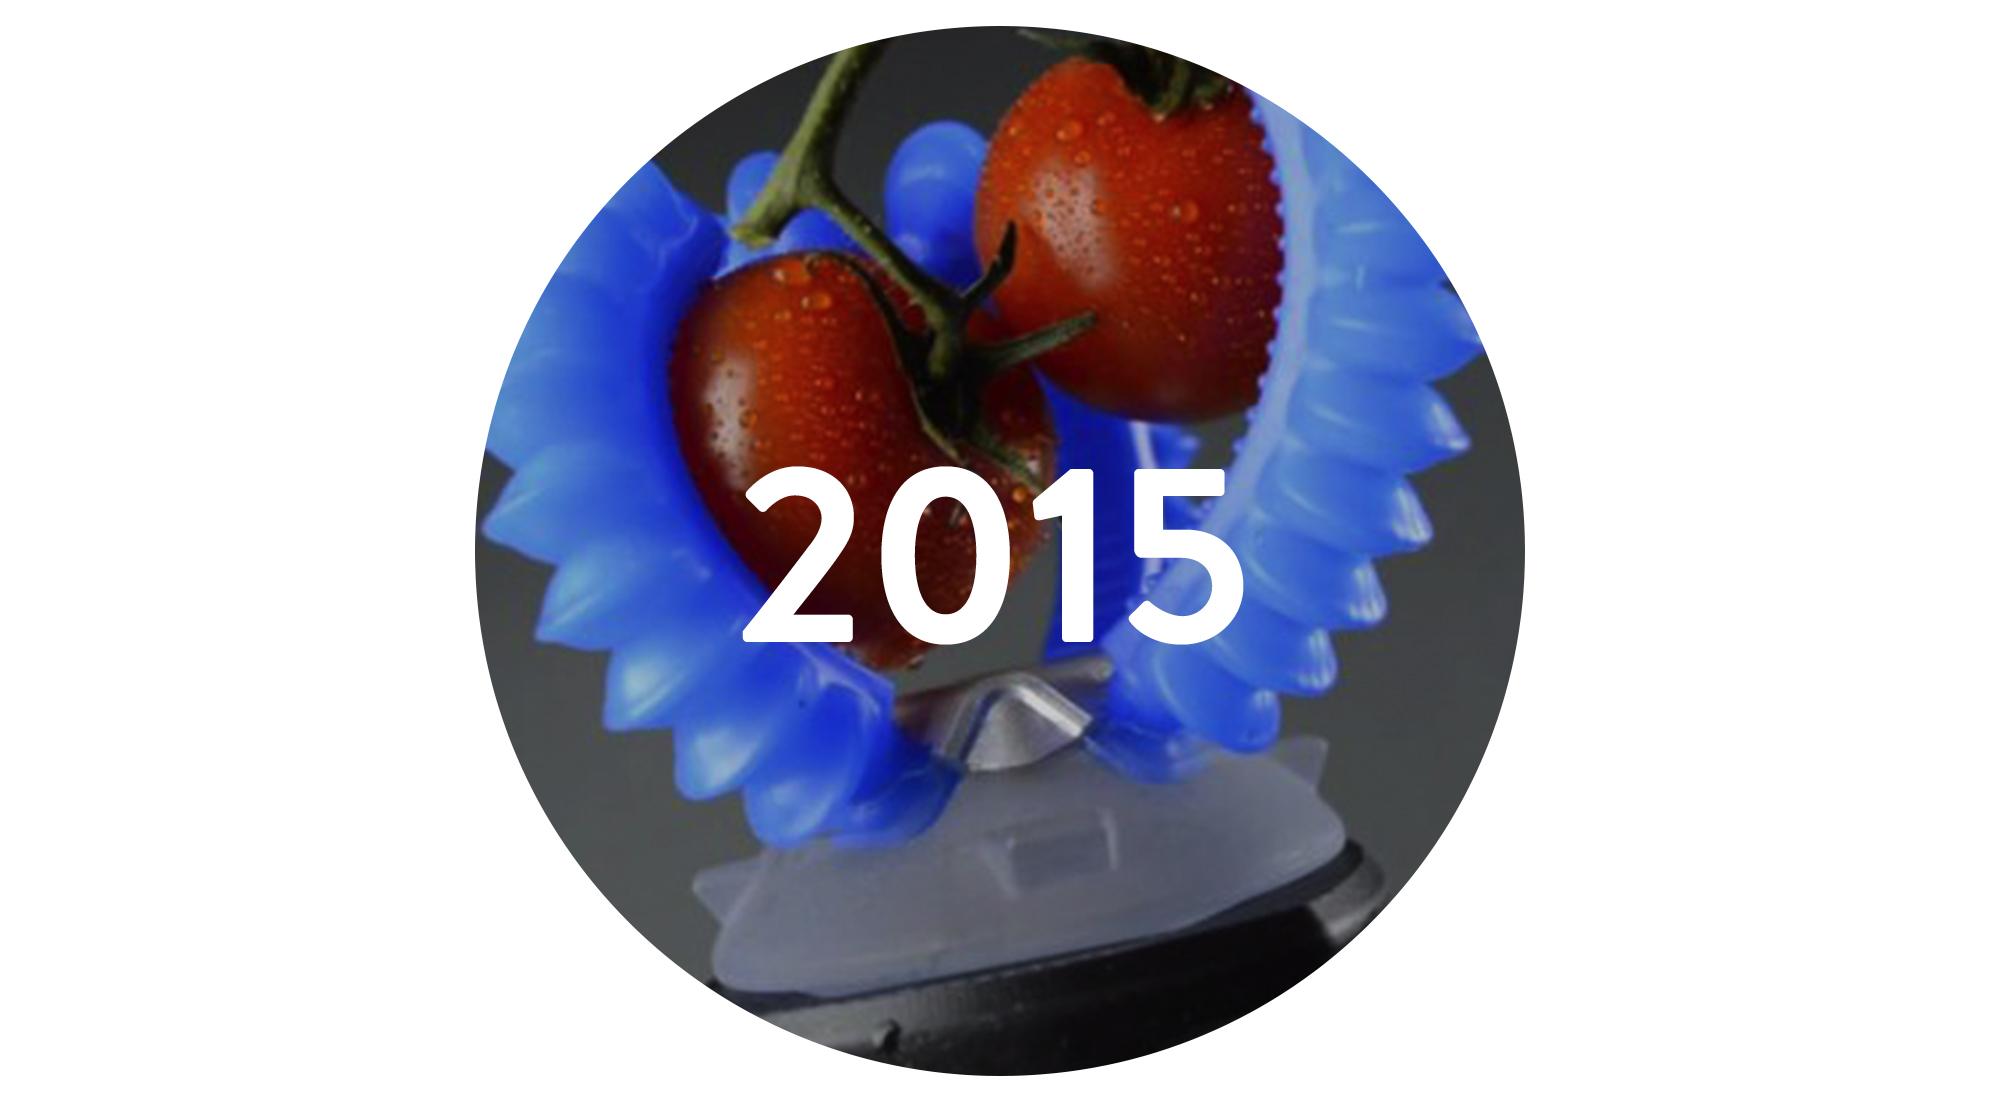 timeline years_0002_2015.jpg